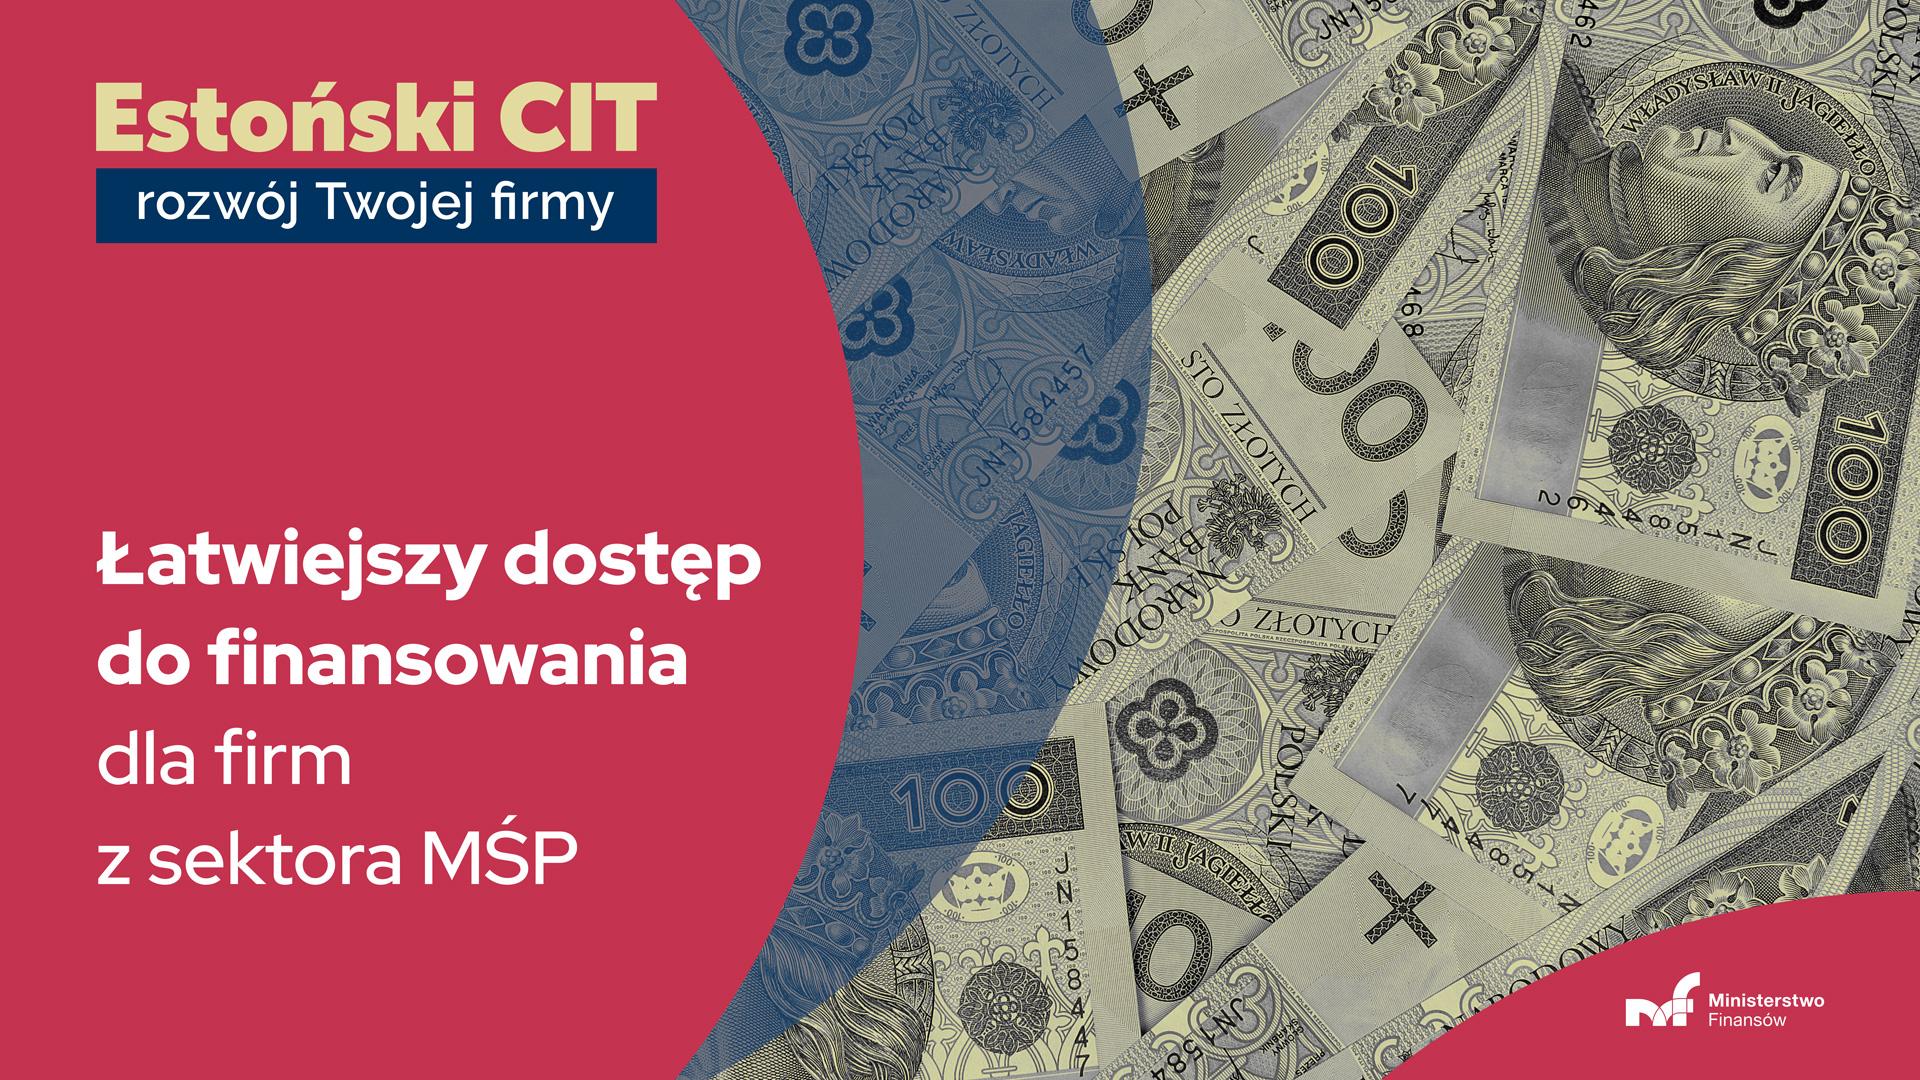 Widok: rozłożone banknoty 100 zł. Napis: estoński CIT - rozwój twojej firmy. Łatwiejszy dostęp do finansowania dla firm z sektora MŚP.